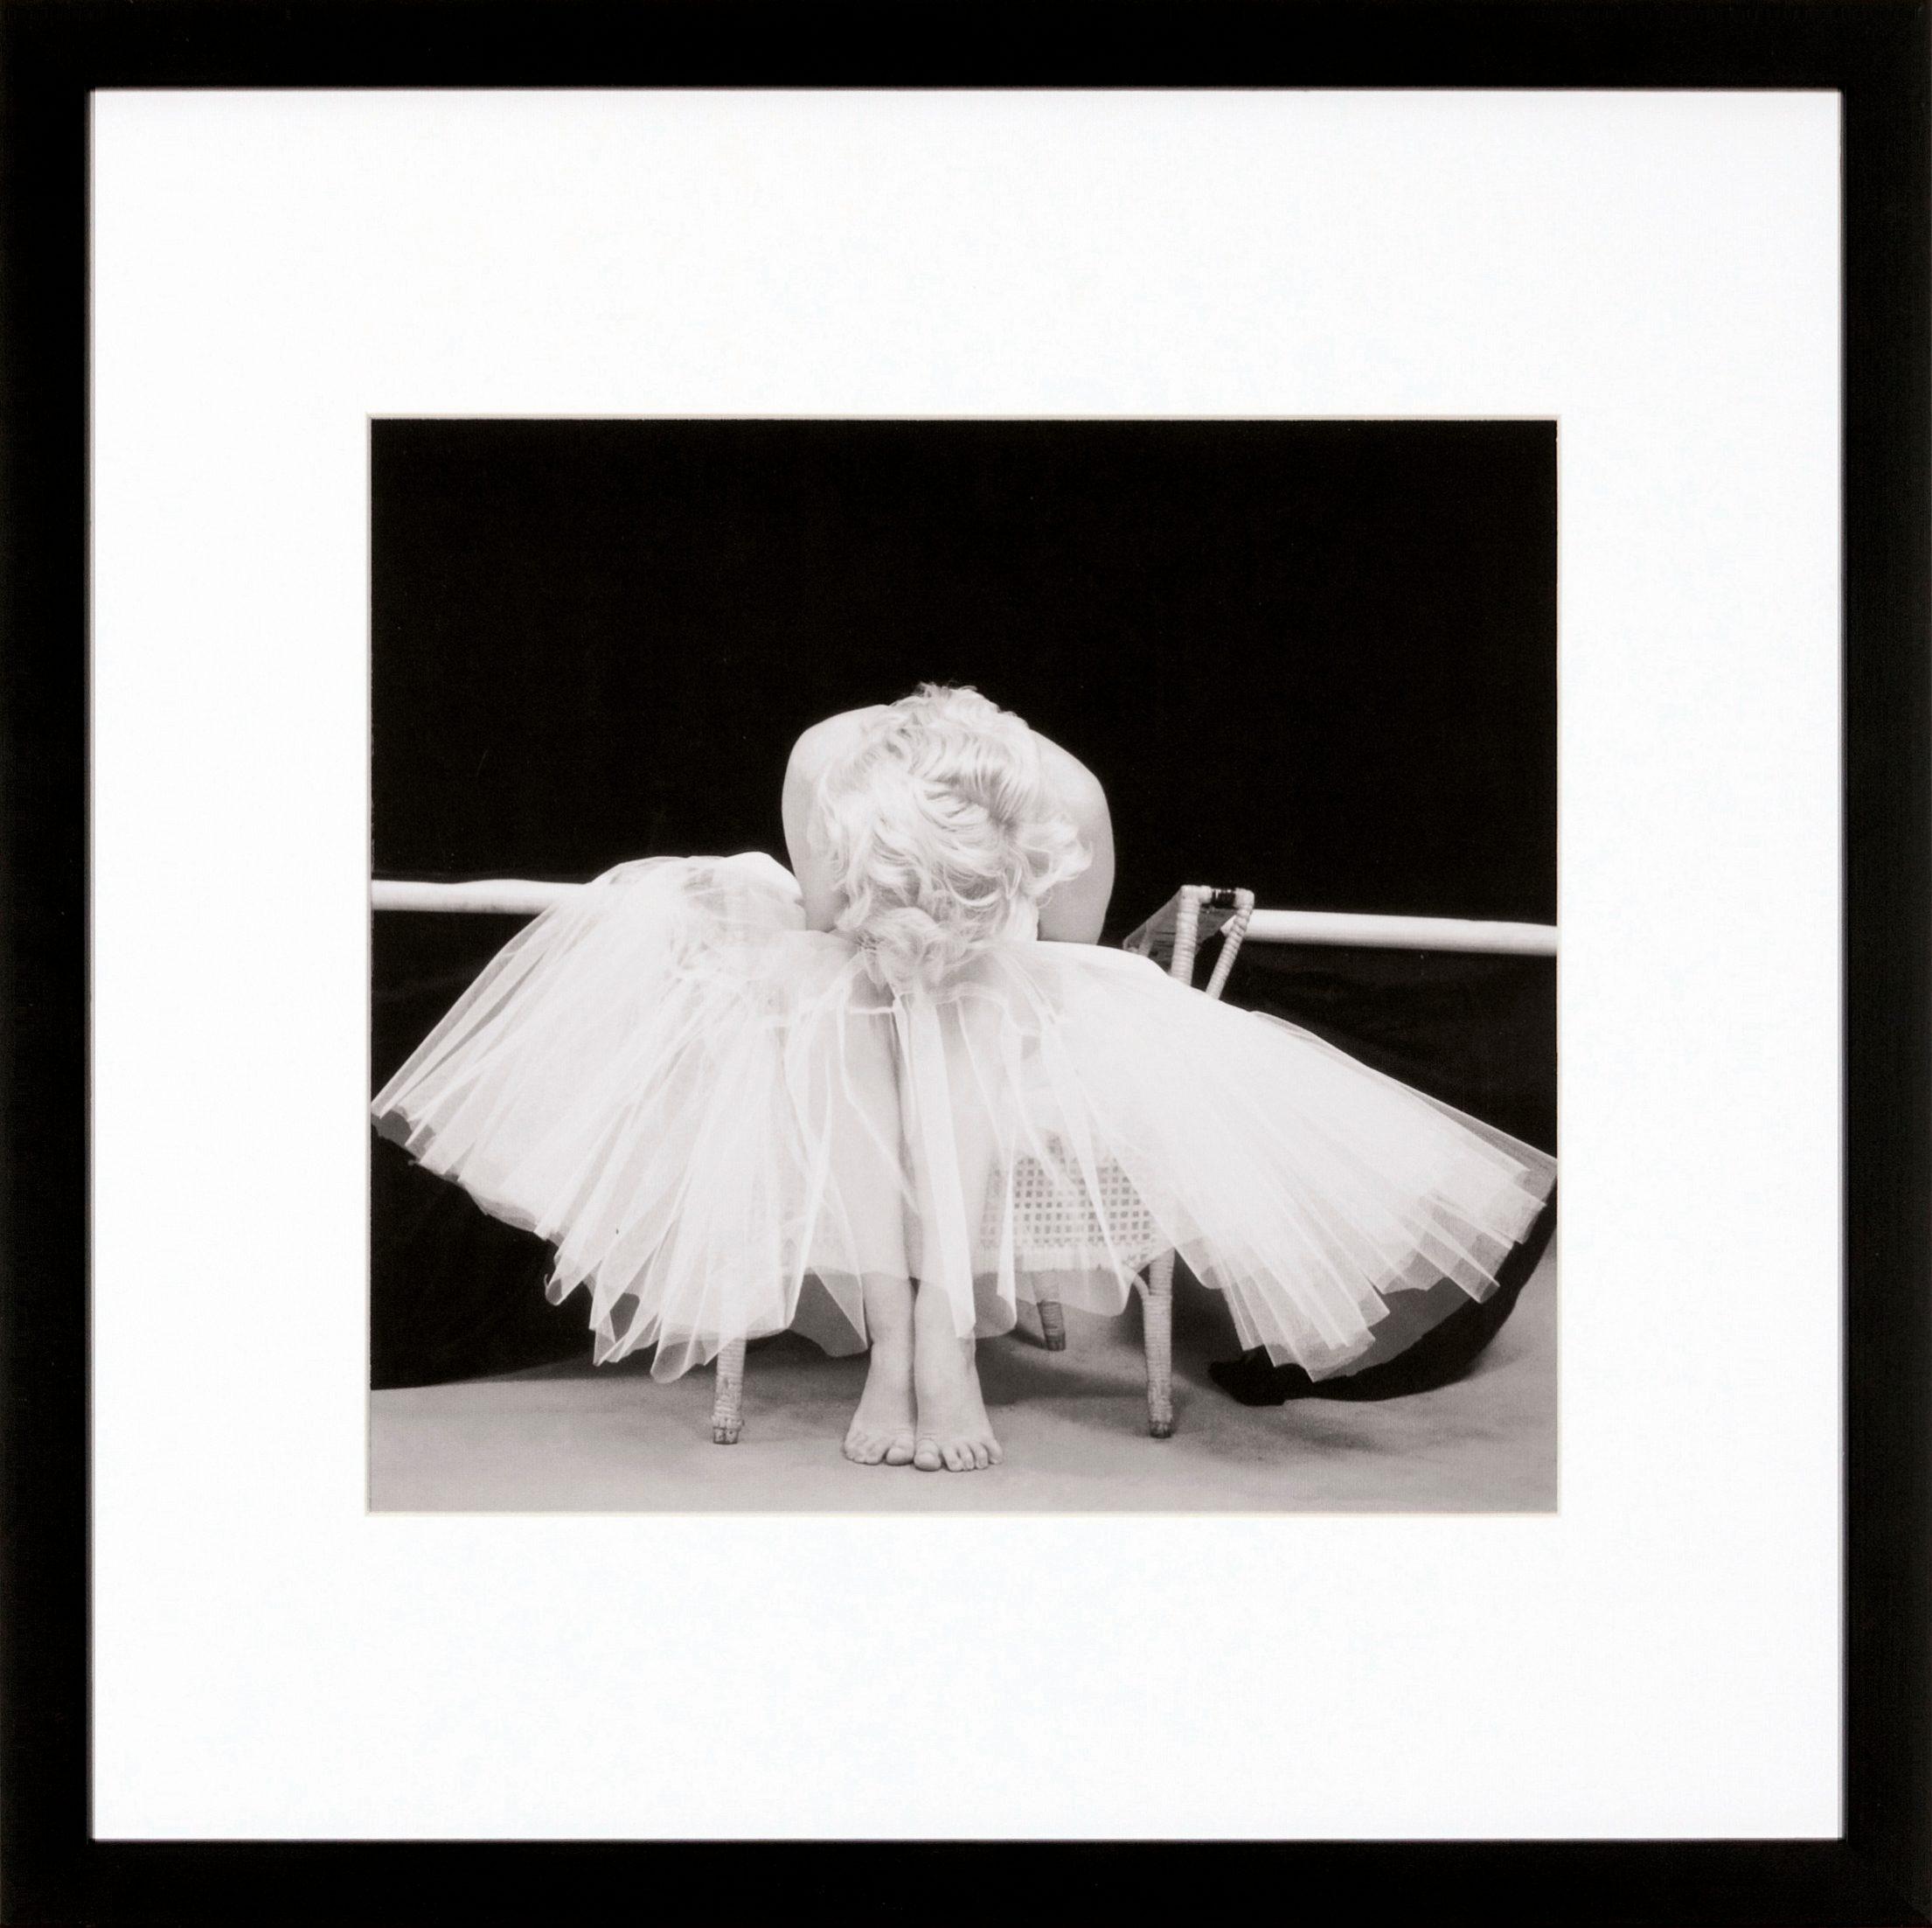 G&C gerahmte Fotografie »Marilyn Monroe Motiv 3«, 40/40 cm